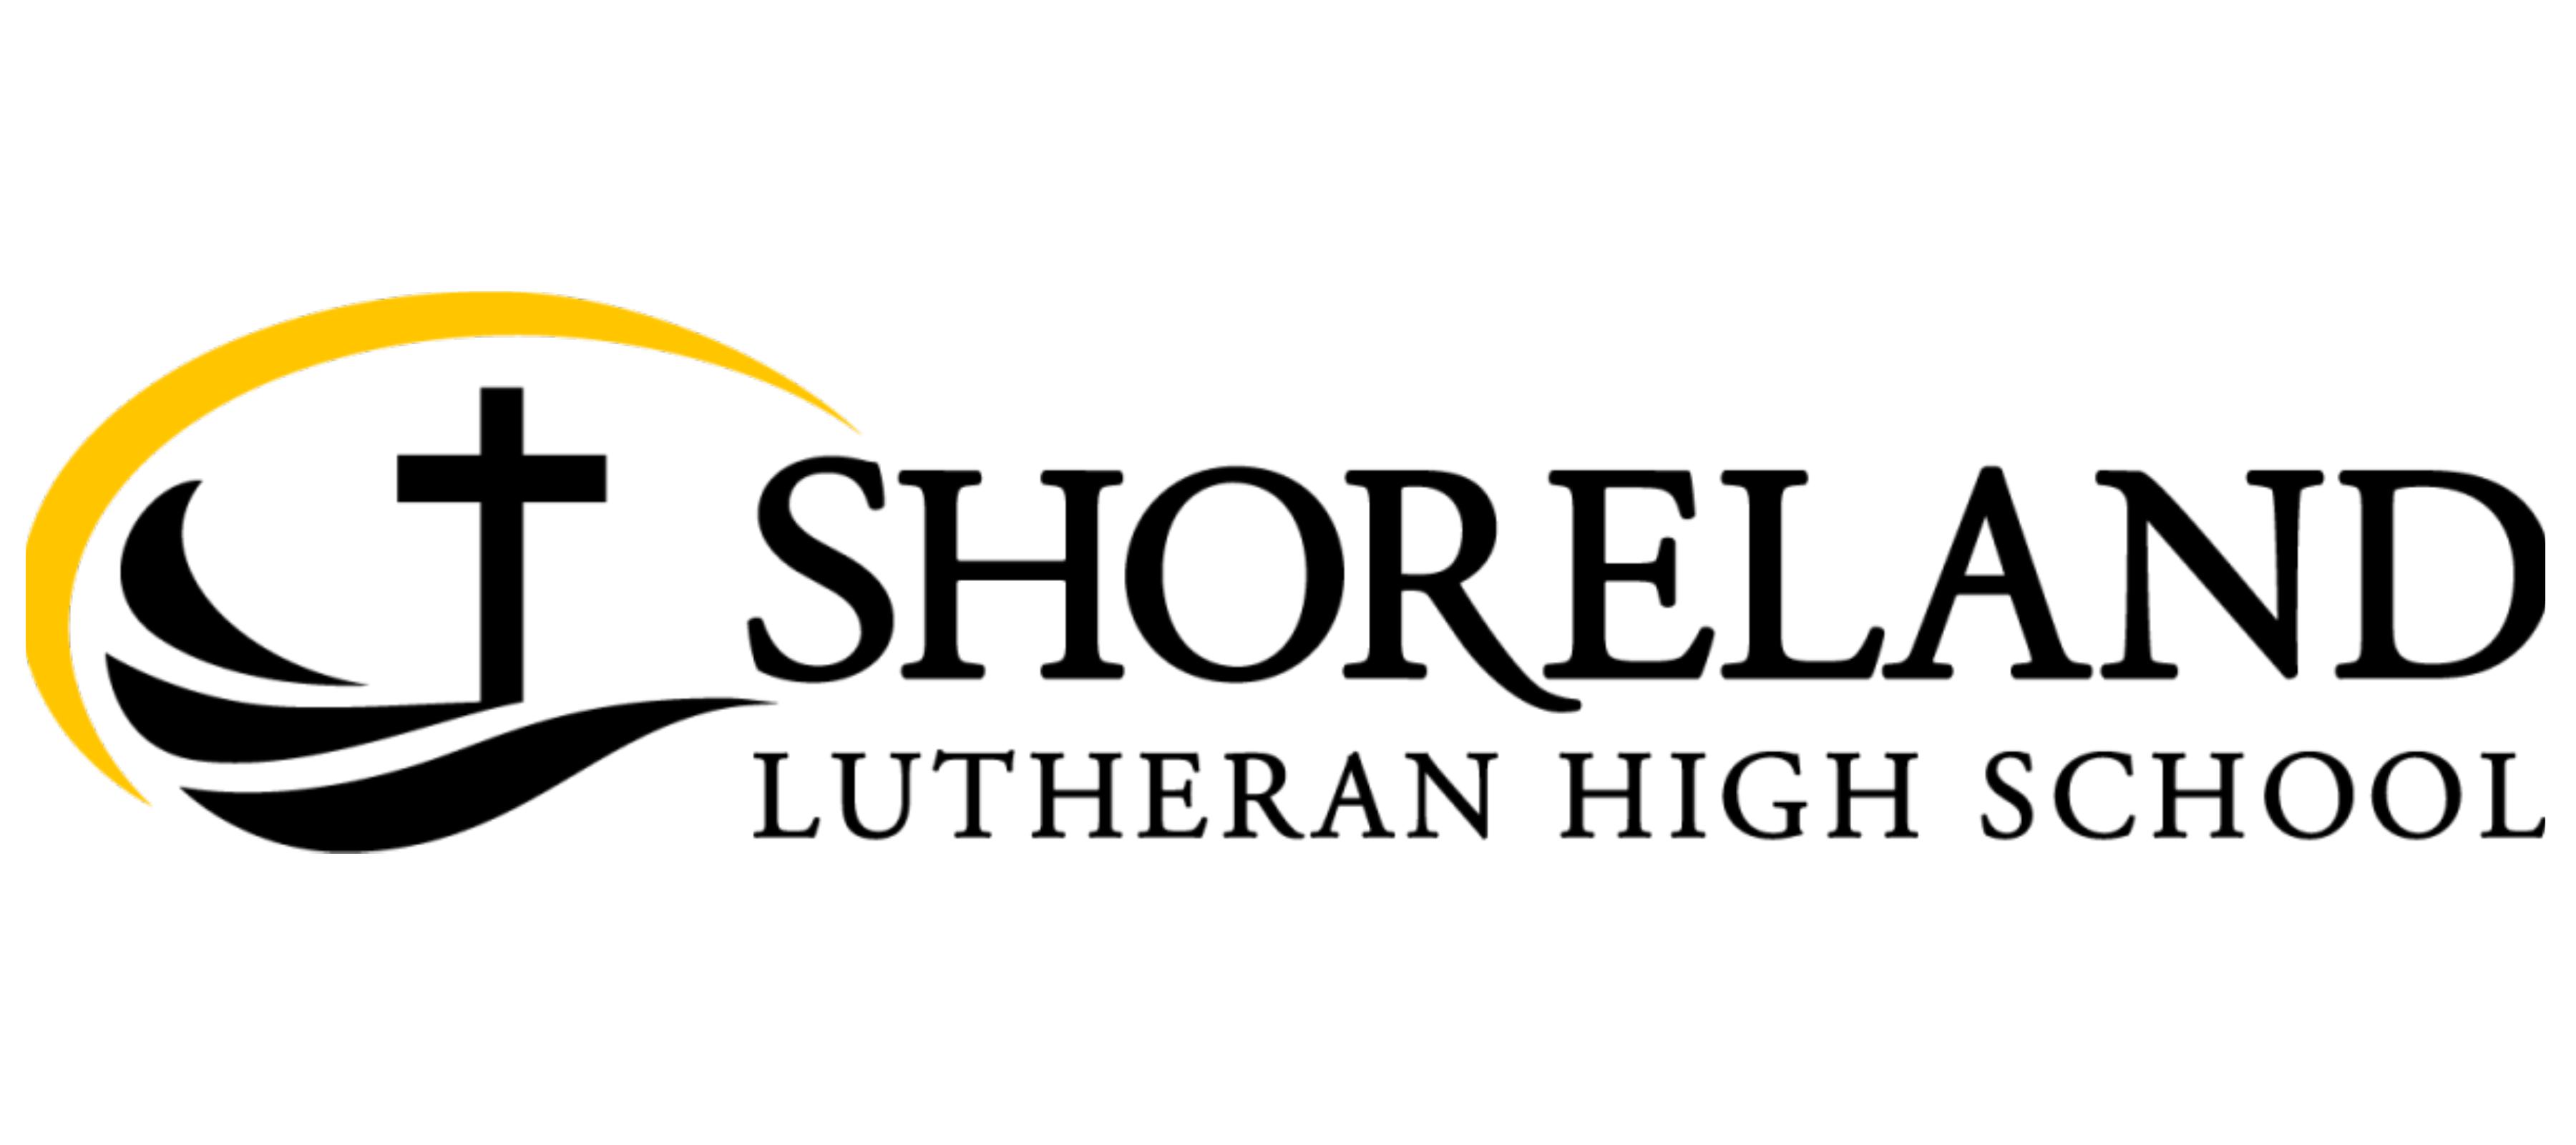 shoreland lutheran high school logo